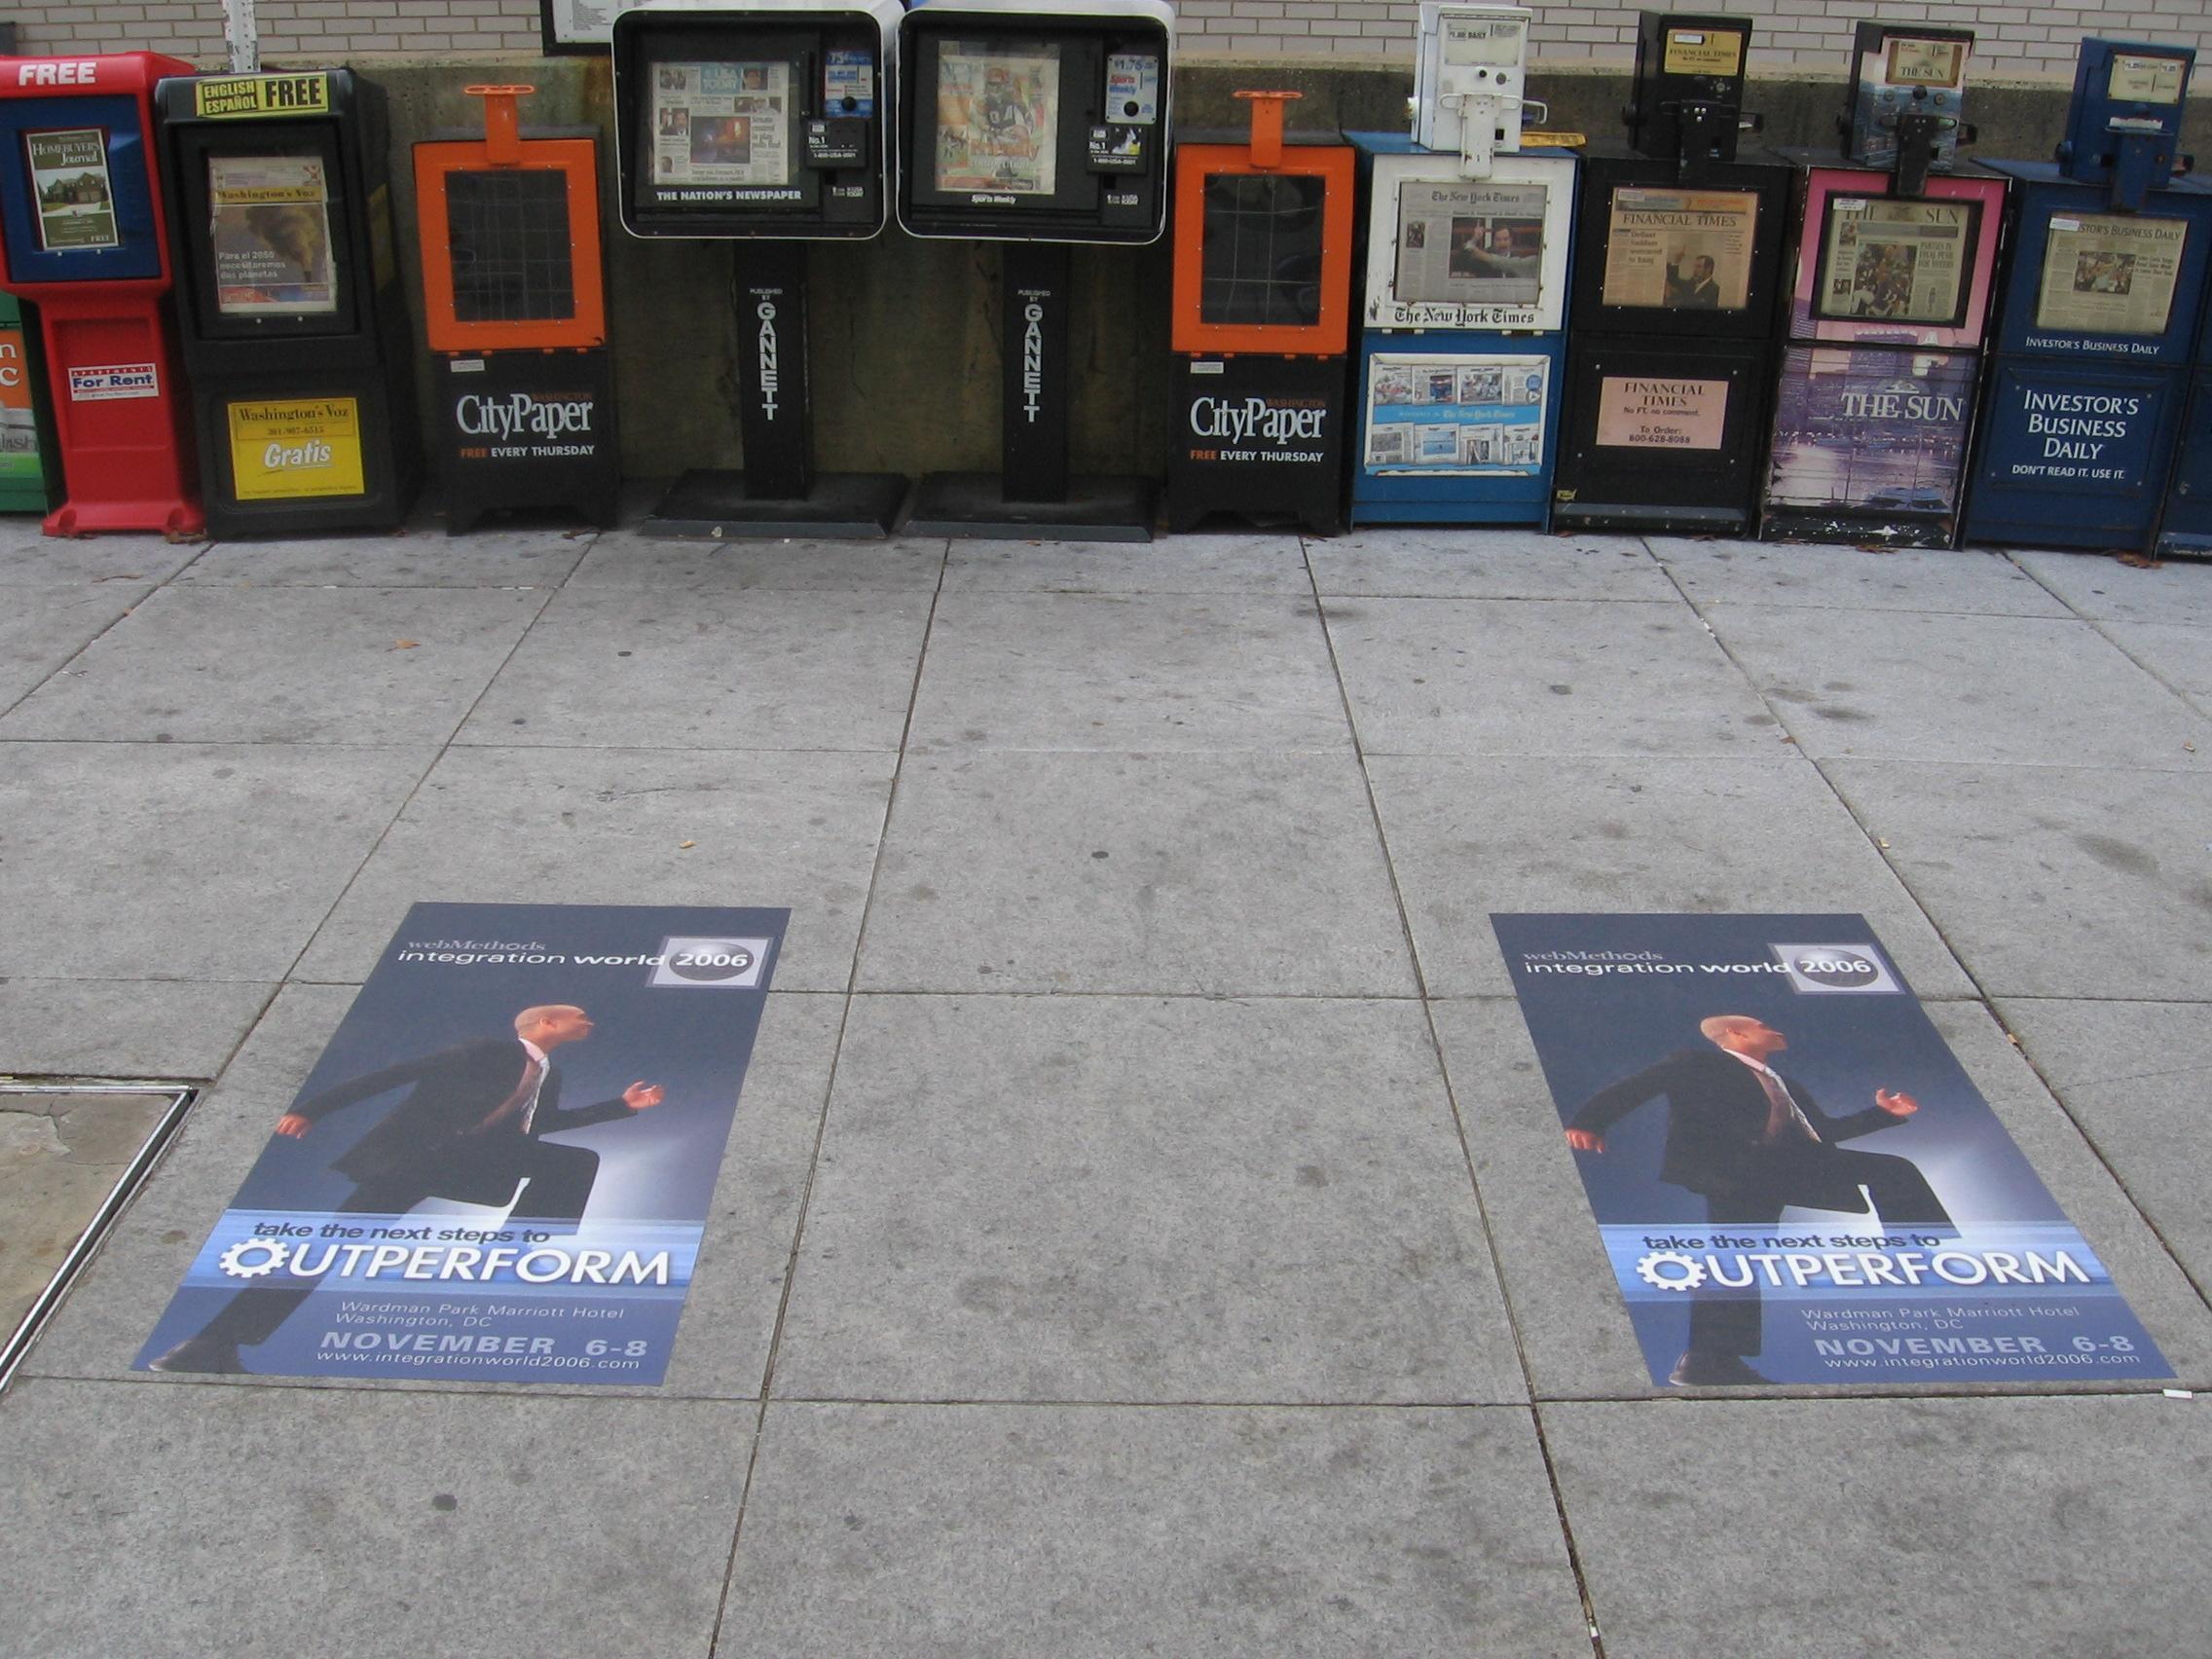 cool sidewalk advertising